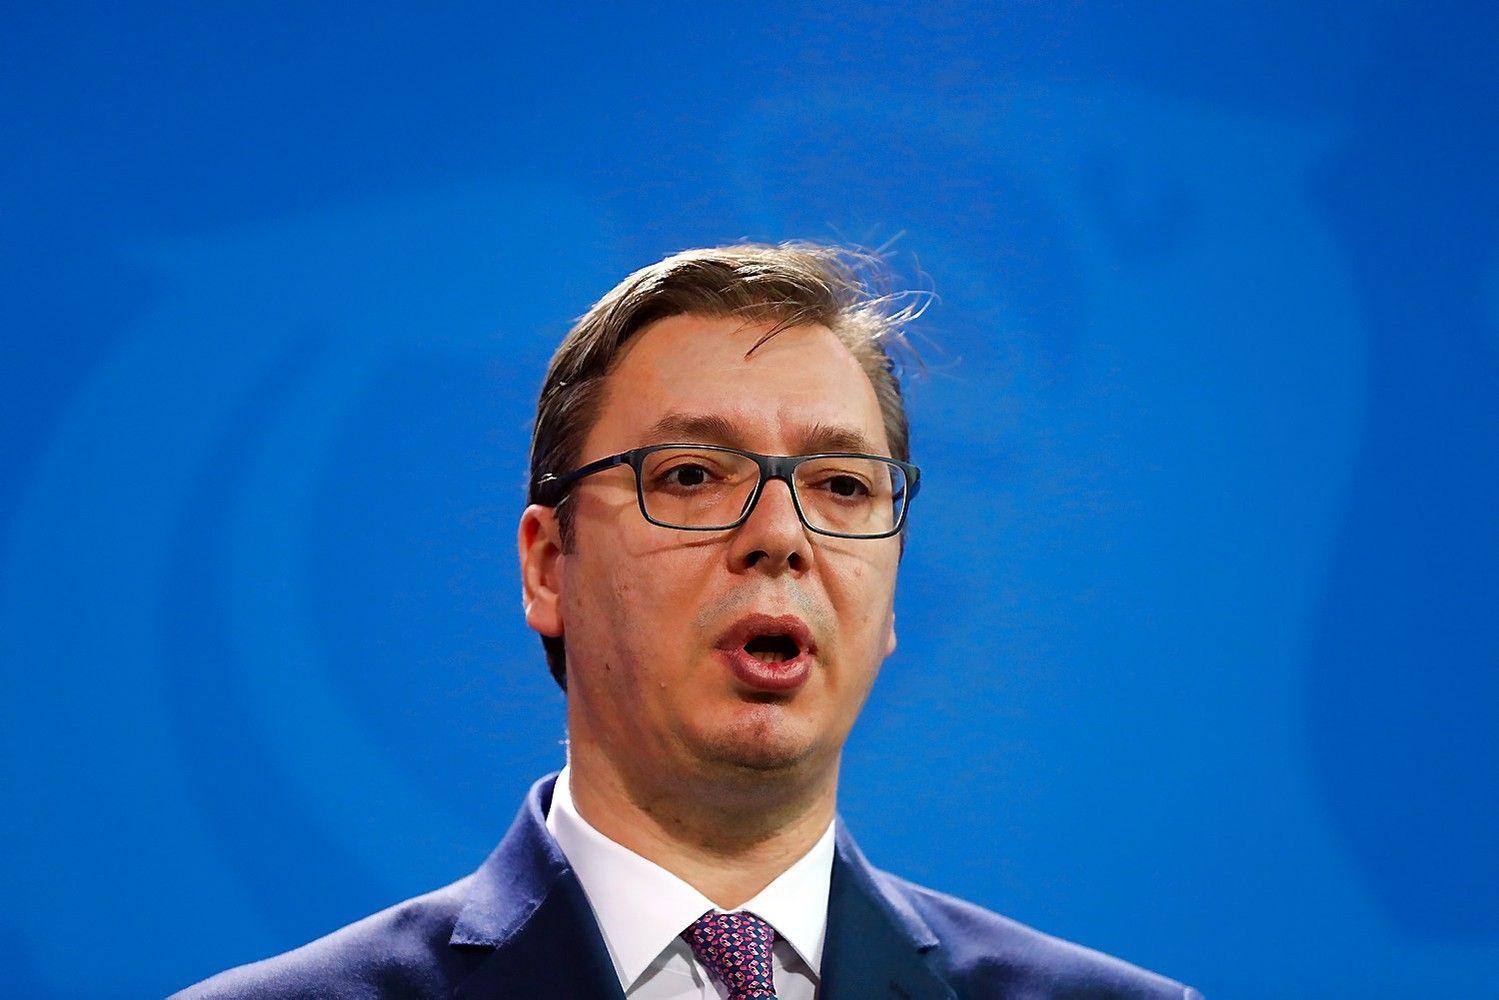 Serbijoje vyksta rinkimai, kurie įtvirtins ryškaus šalies lyderio pozicijas